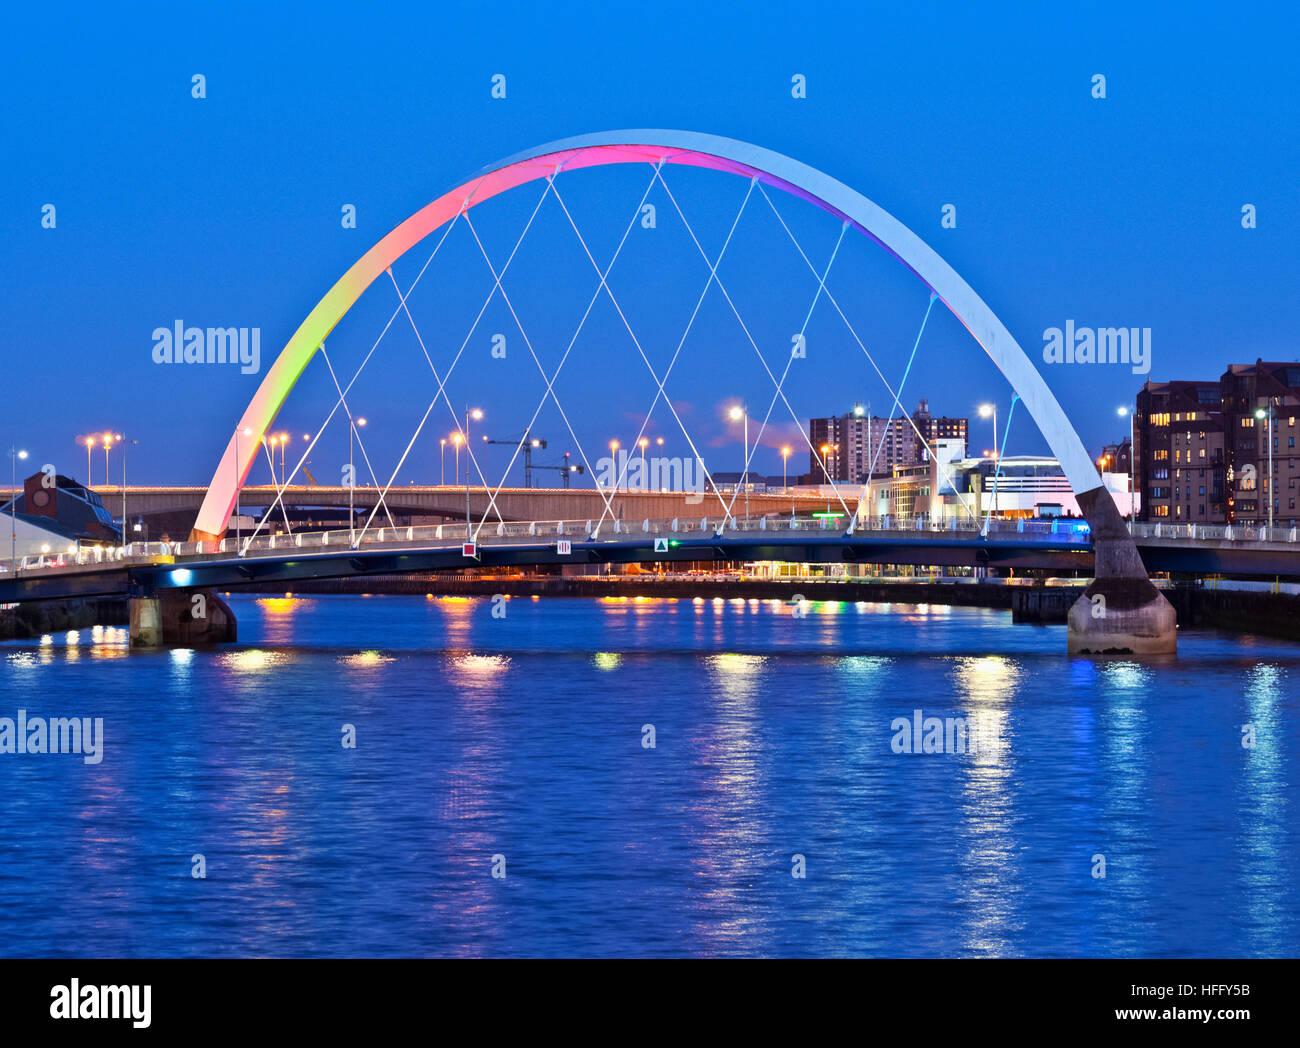 Royaume-uni, Ecosse, Lowlands, Glasgow, Crépuscule sur la Clyde Arc. Banque D'Images